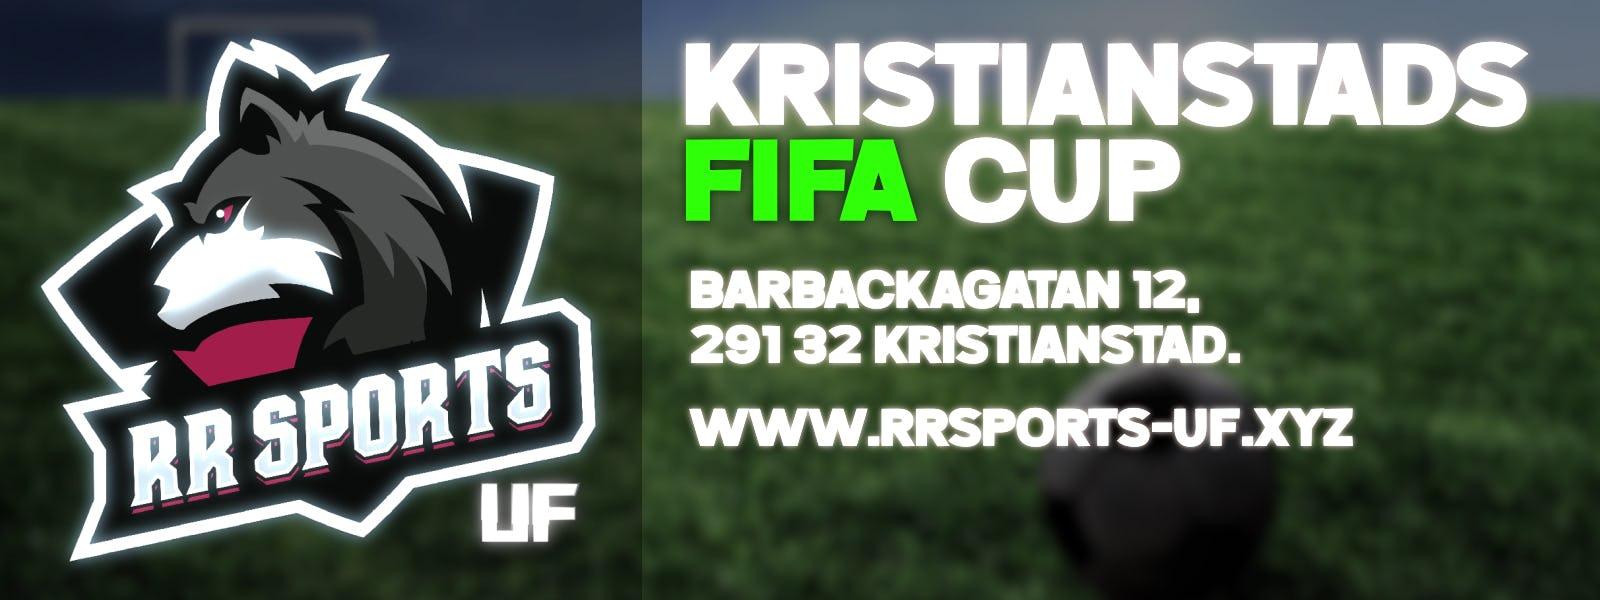 Bild - FIFA CUP - RRSports UF